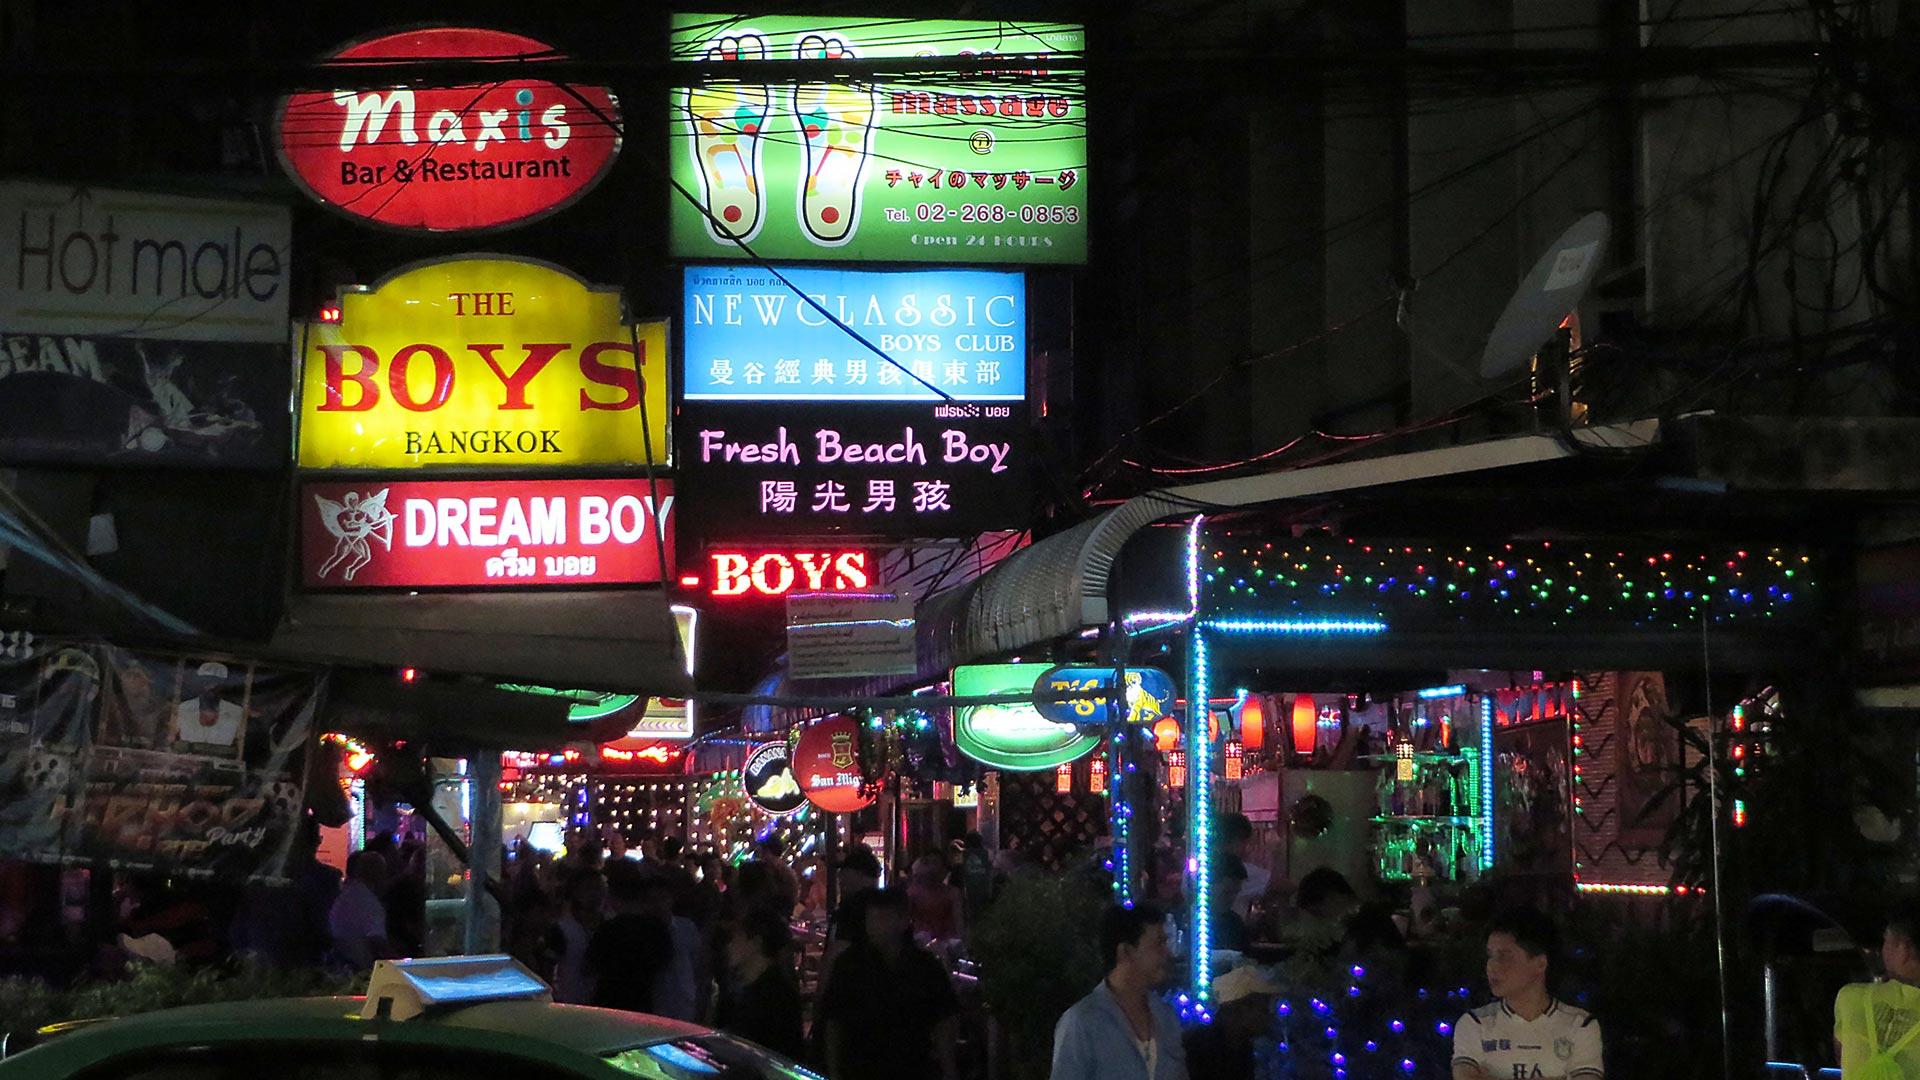 sesso massaggio a Bangkok Free download sesso e porno